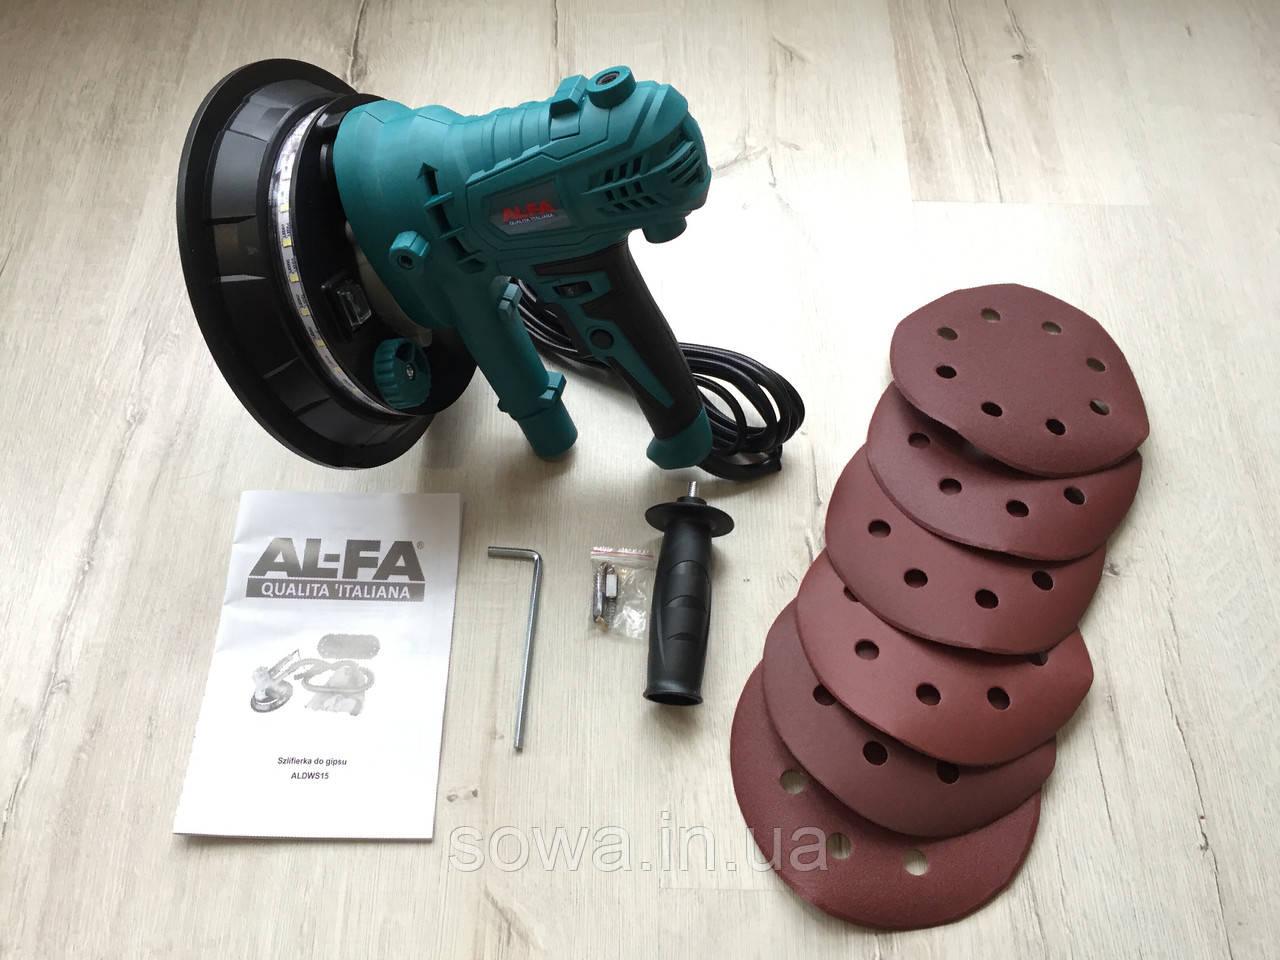 Шлифовальная машина по штукатурке AL-FA ALDWS15 с подсветкой - фото 1